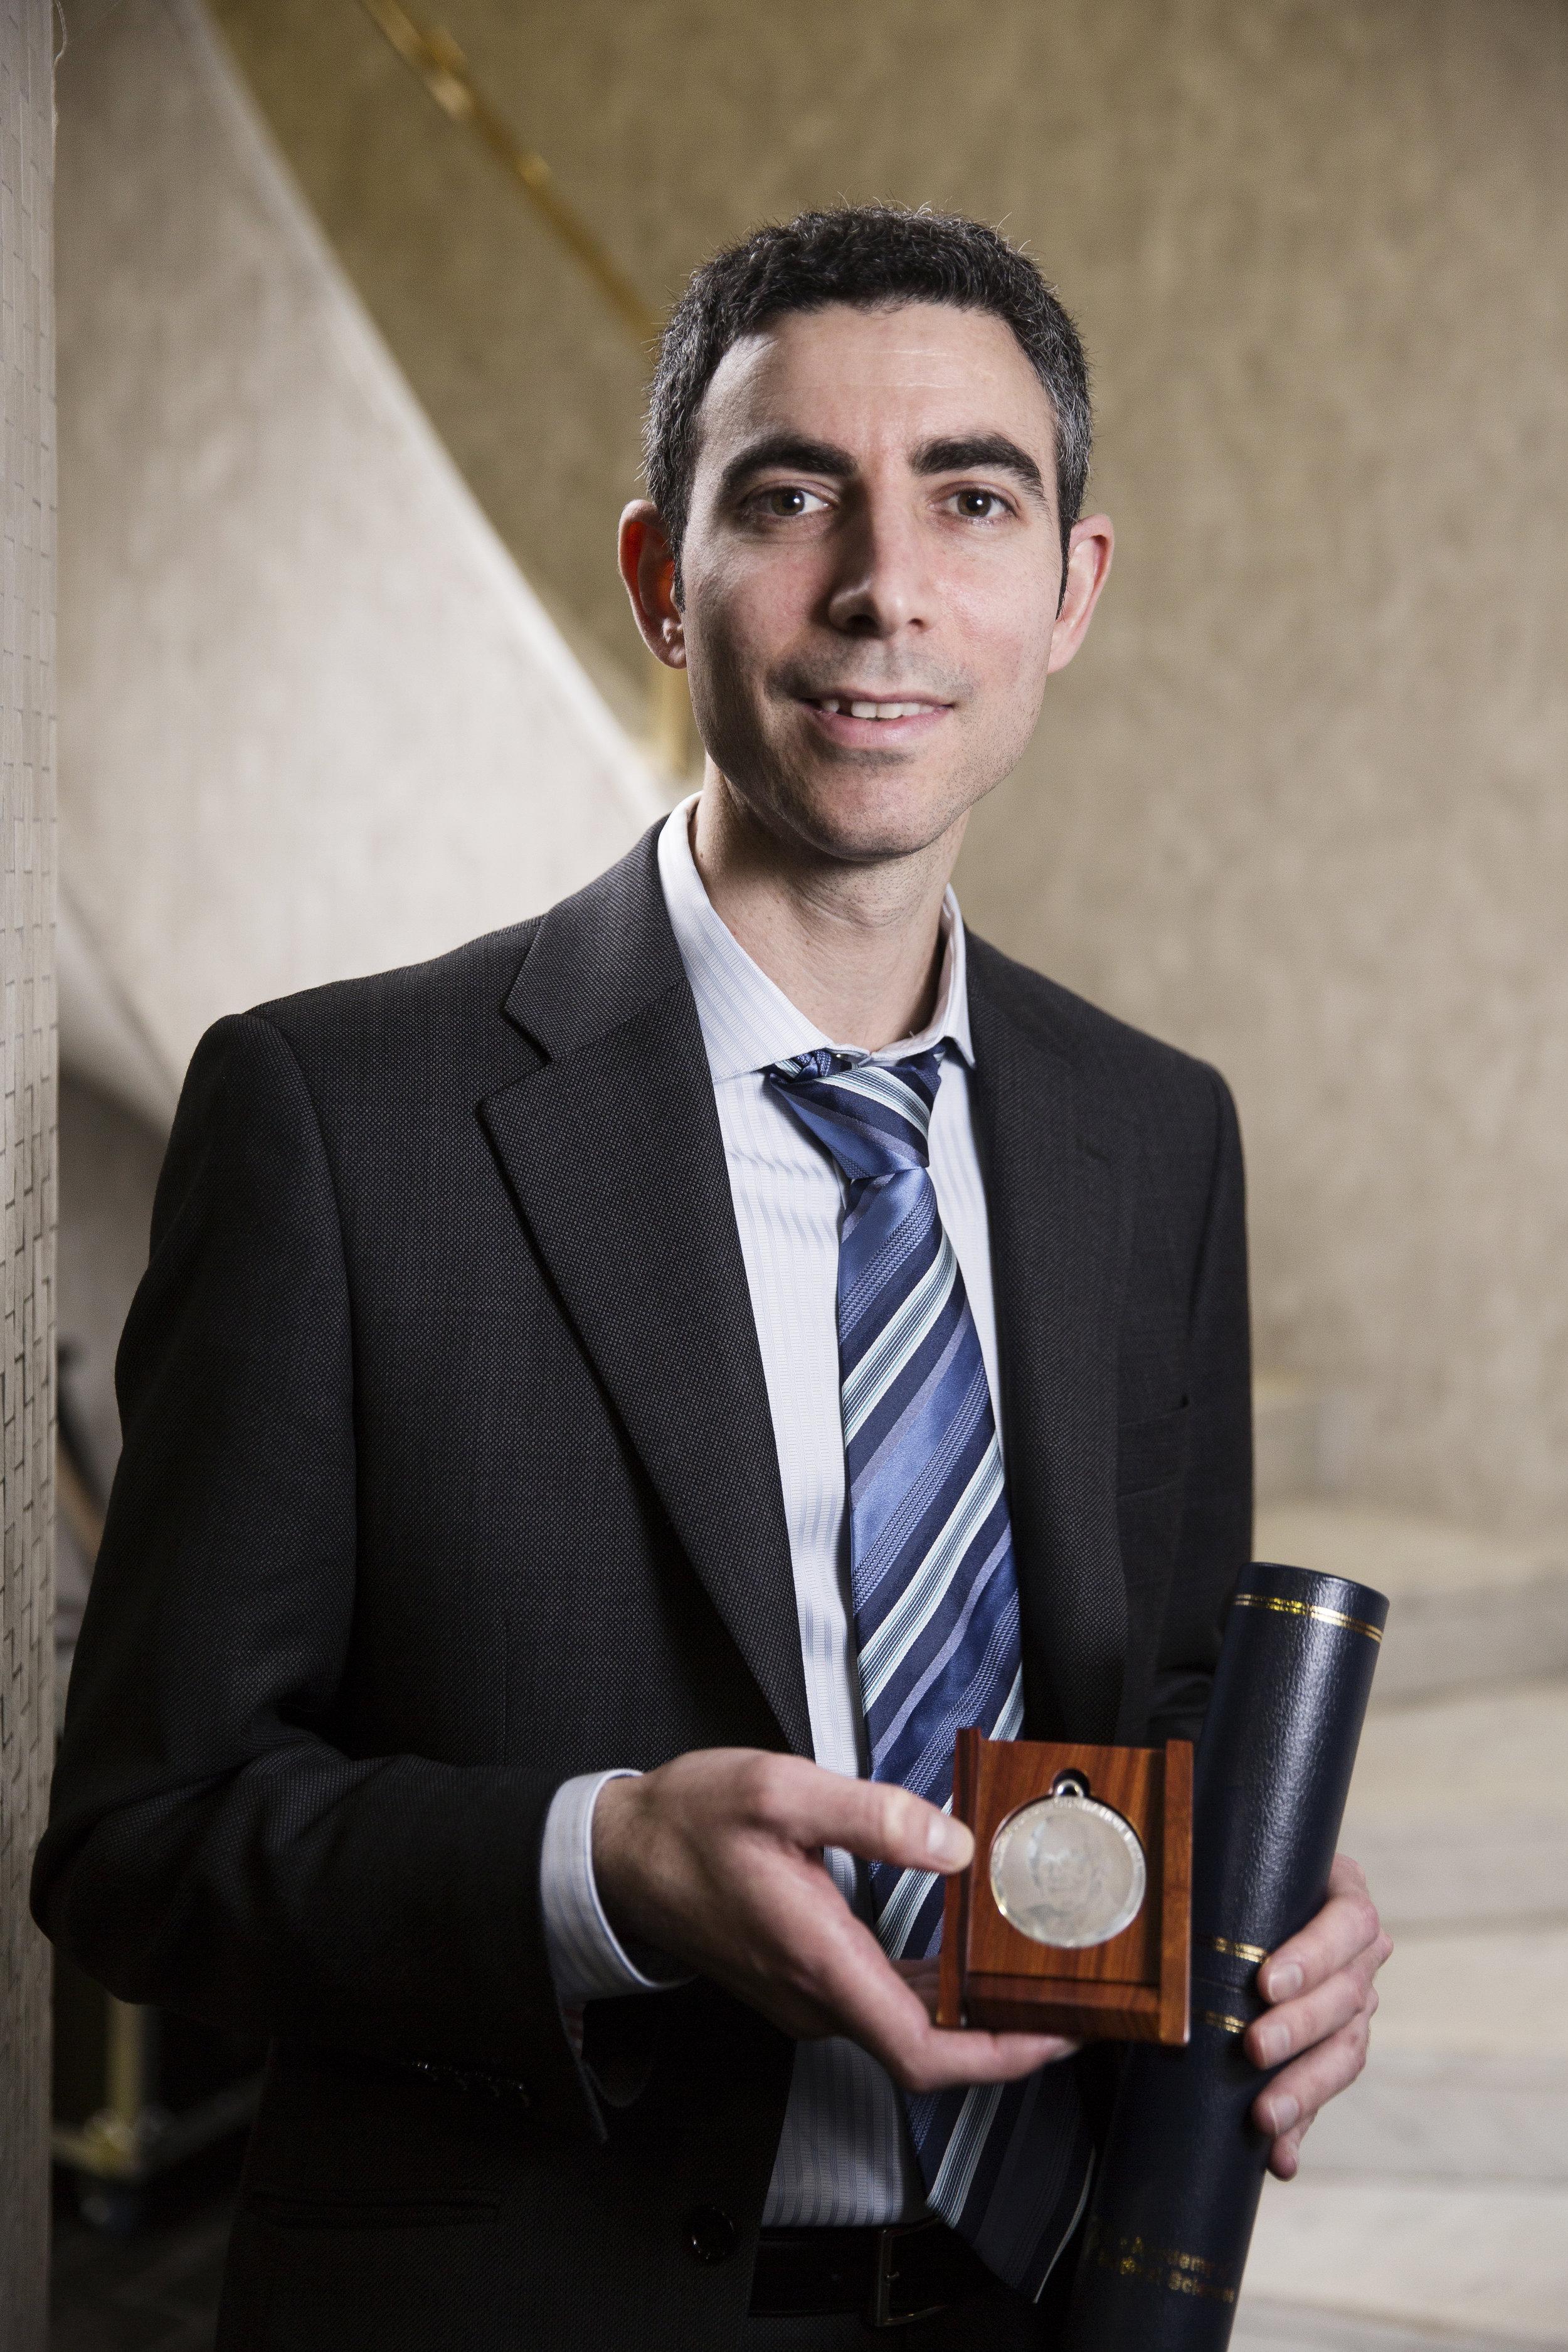 The 2015 Medal Winner, Dr Nitzan Rosenfeld